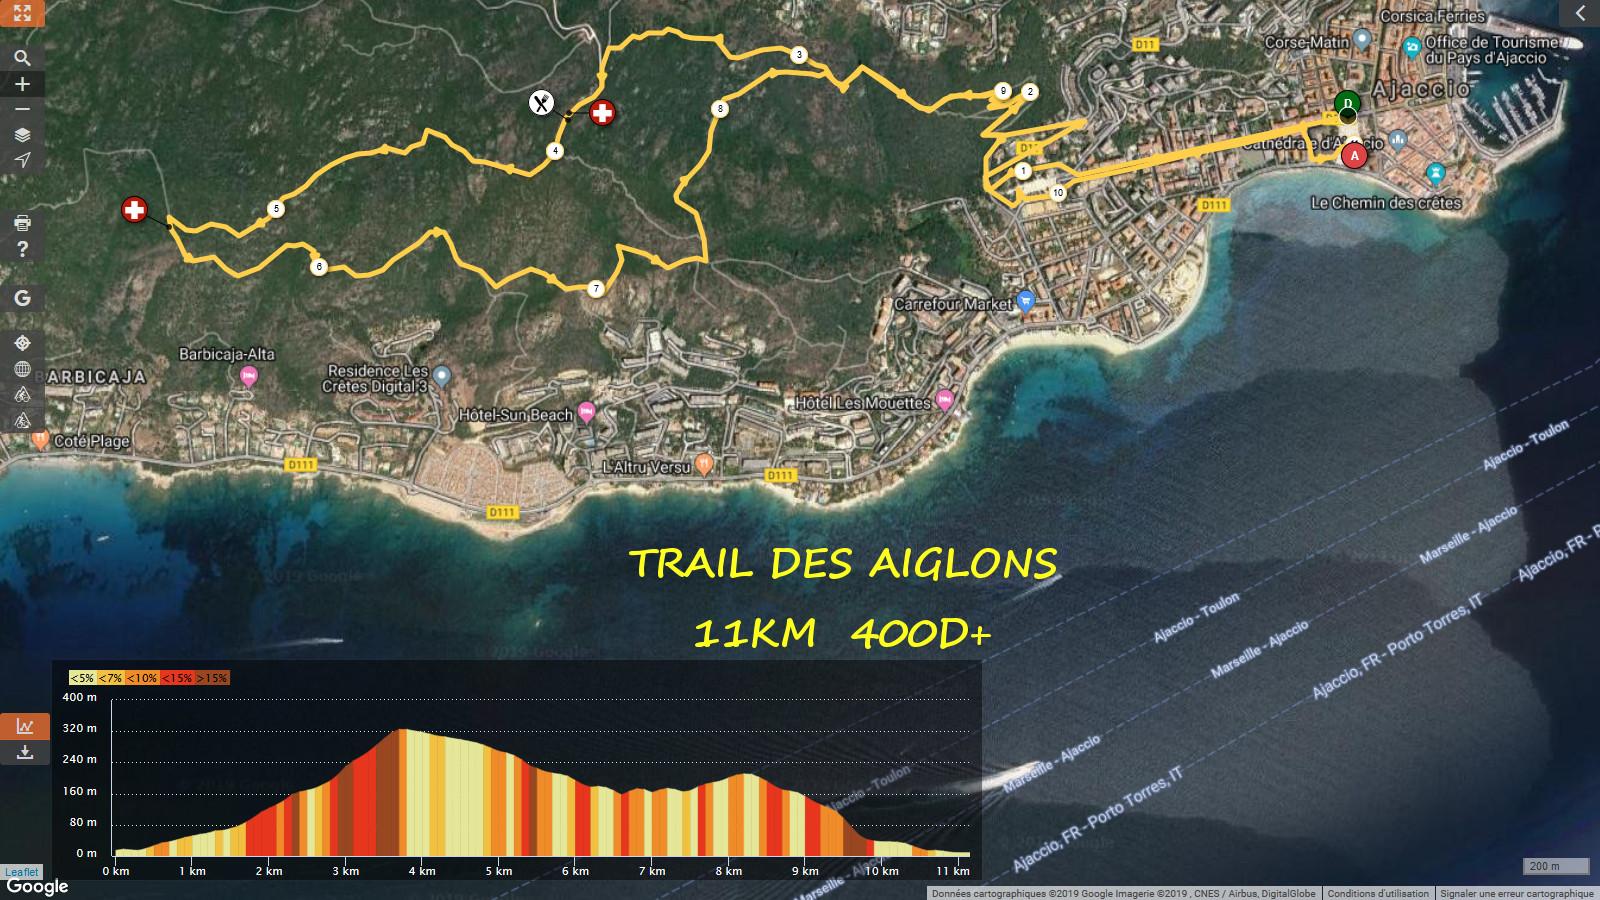 Parcours Trail des aiglons détaillé (10 km) (MAJ 11/09/2017)